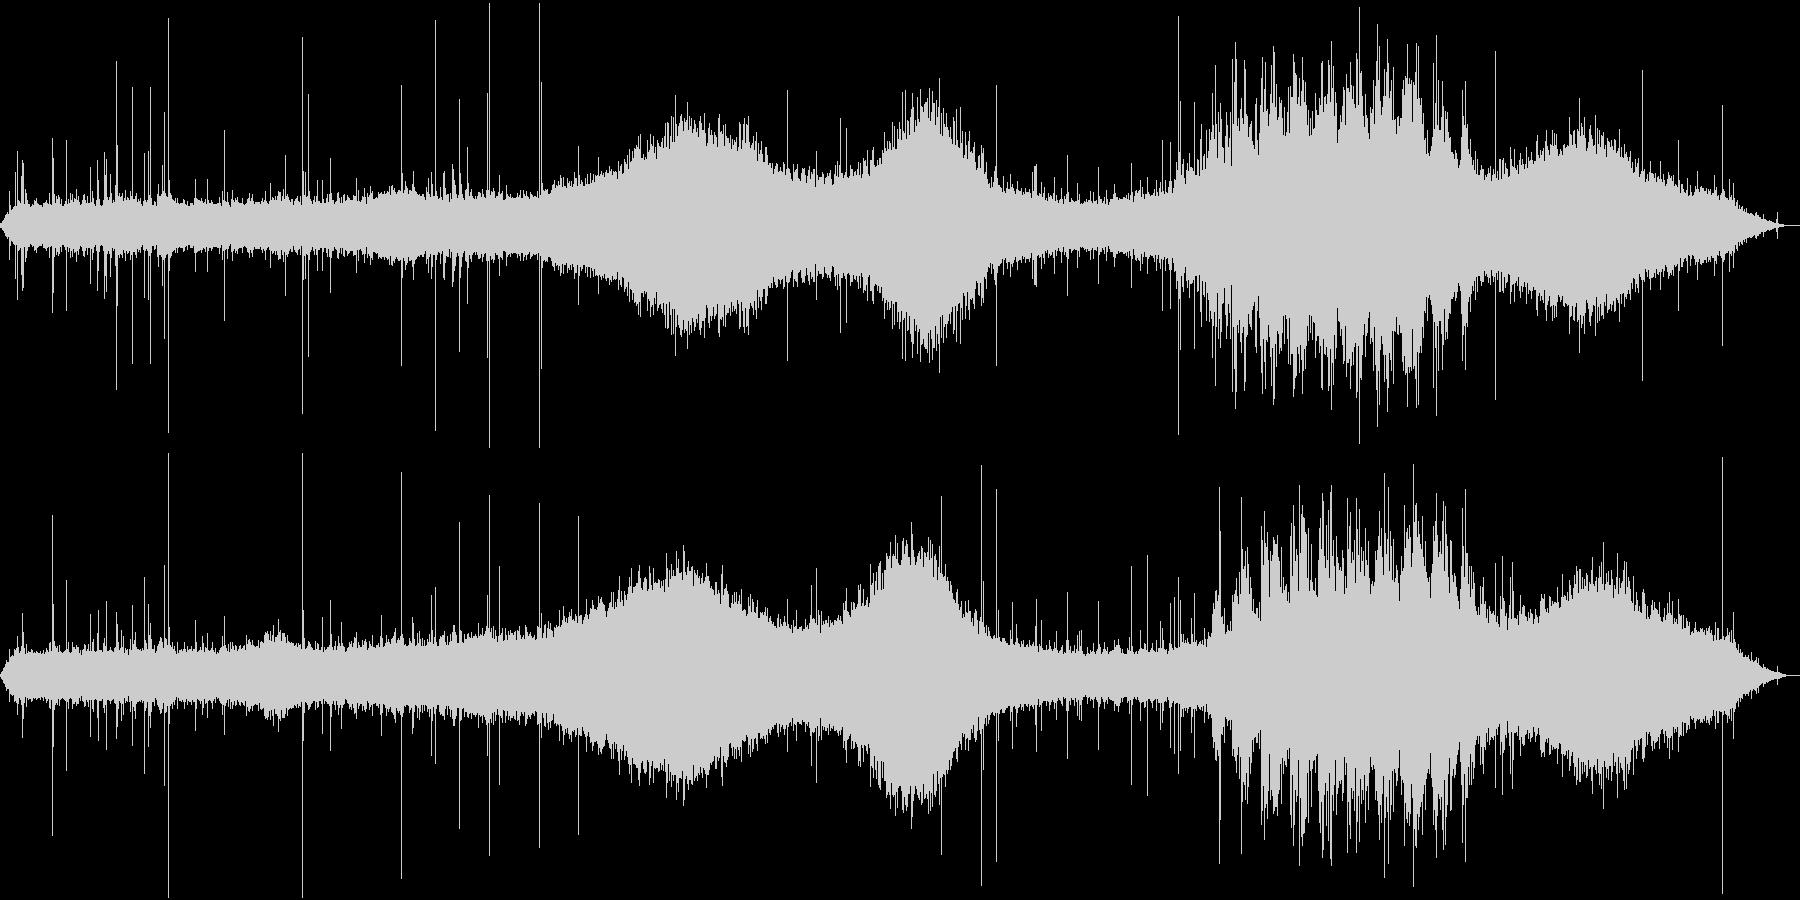 【生録音】街に降る綺麗な雨の音 1 の未再生の波形